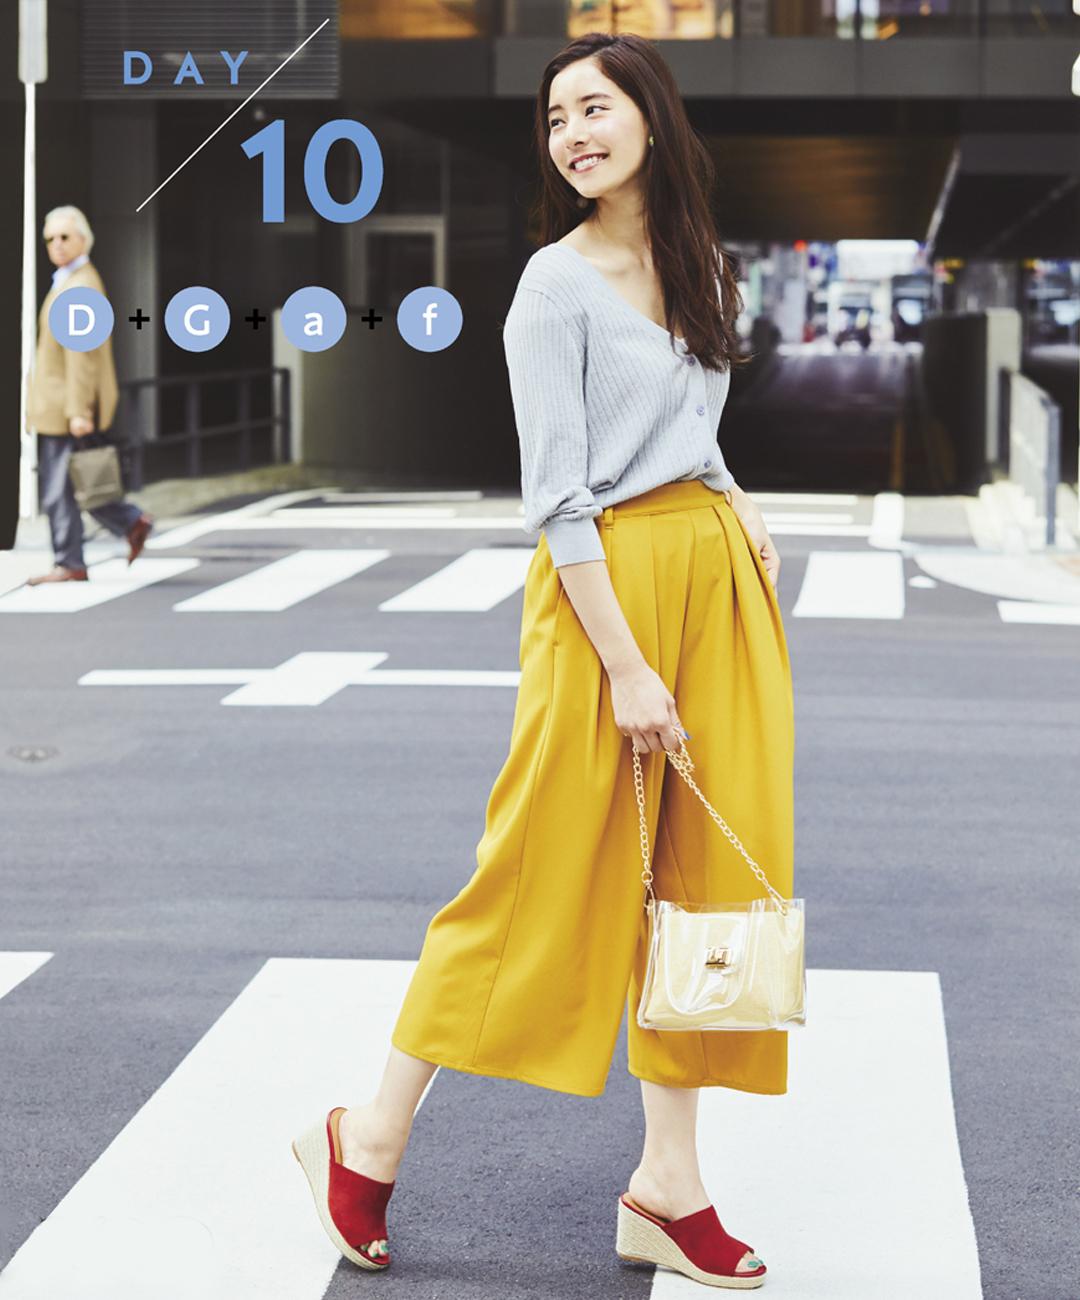 【夏のパンツコーデ】新木優子は、カラーパンツ×シンプルニットでほんのり色っぽ♡